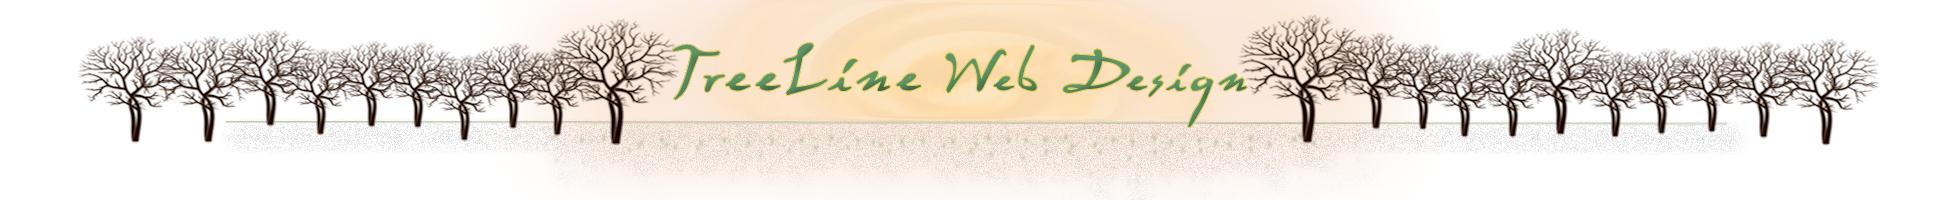 TreeLine Web Design Logo